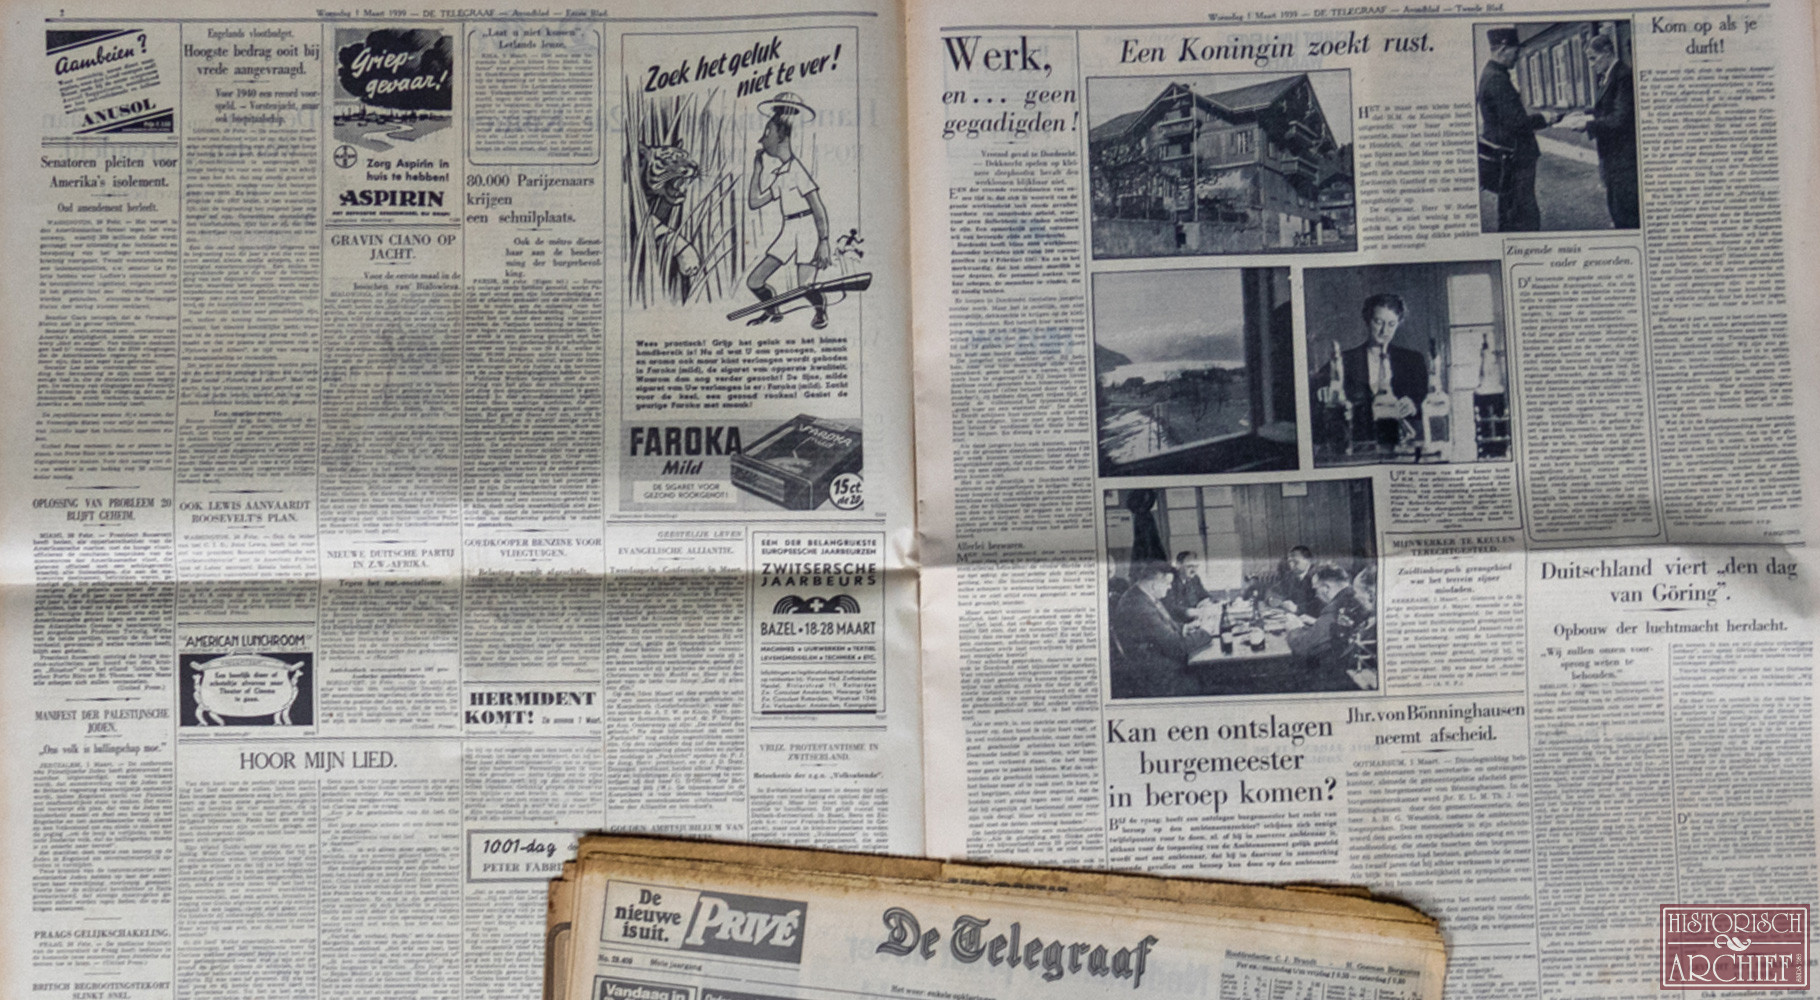 Krant geboortedag van De Telegraaf